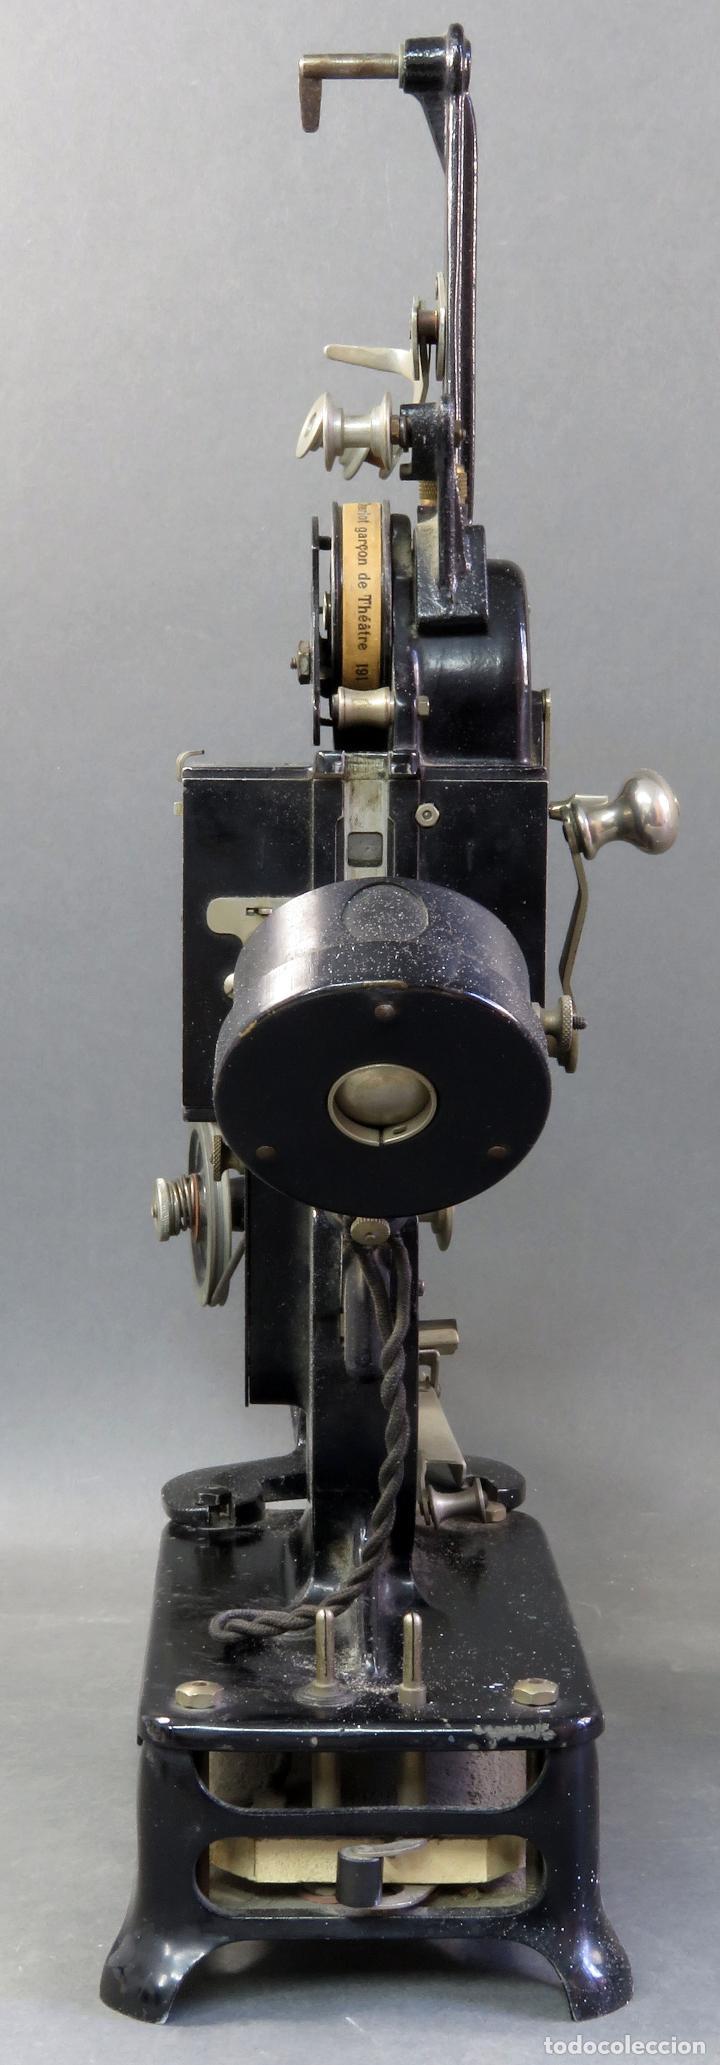 Antigüedades: Proyector Pathé Baby 9,5 mm con una película hacia 1920 - Foto 7 - 128980255